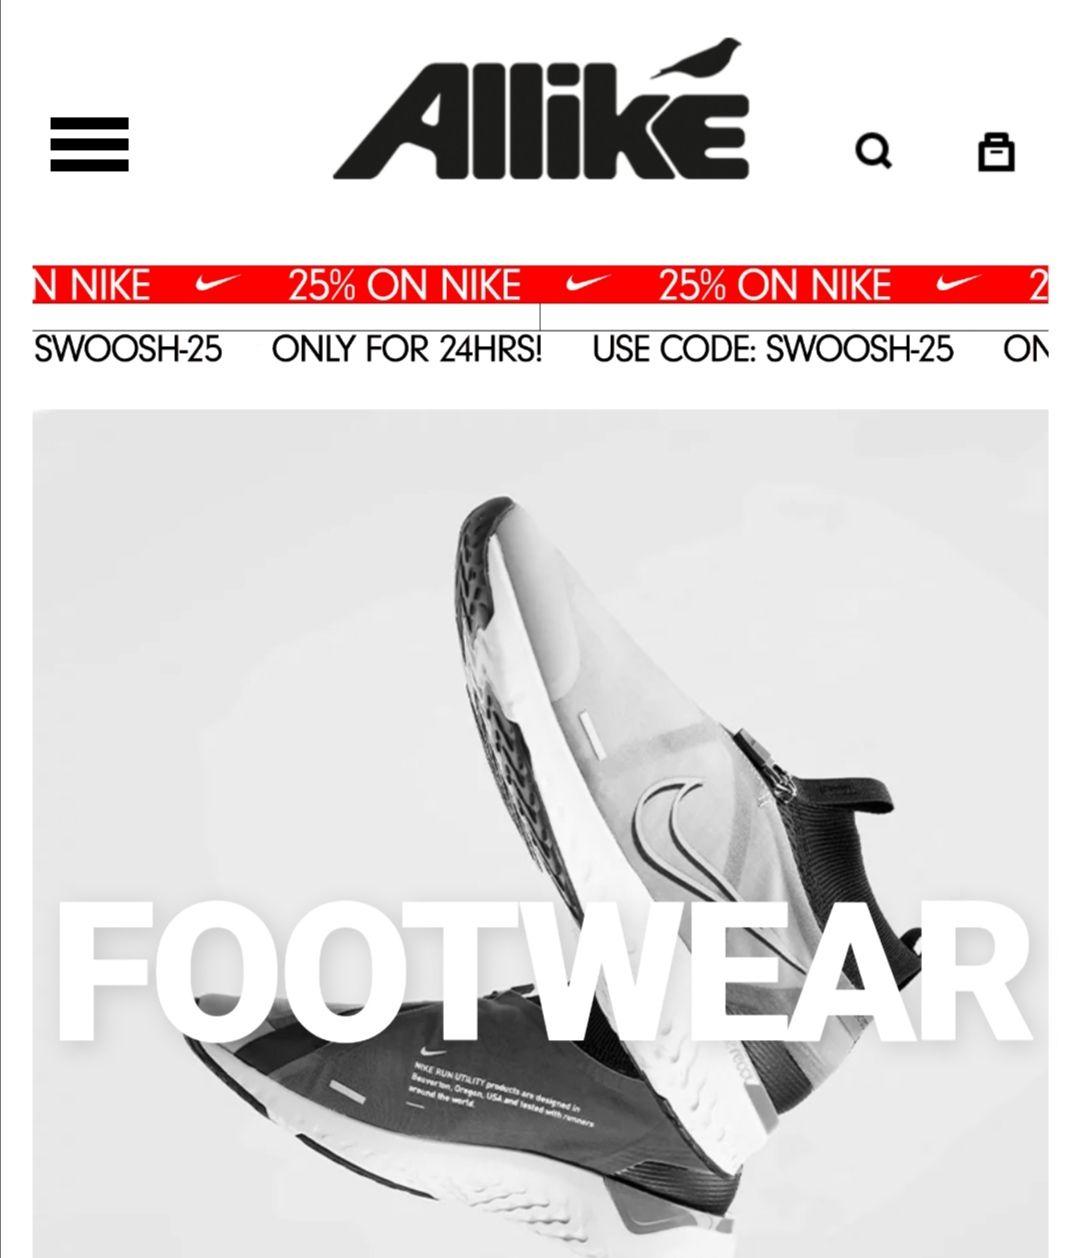 25% Auf alle Nike Produkte bei Allike